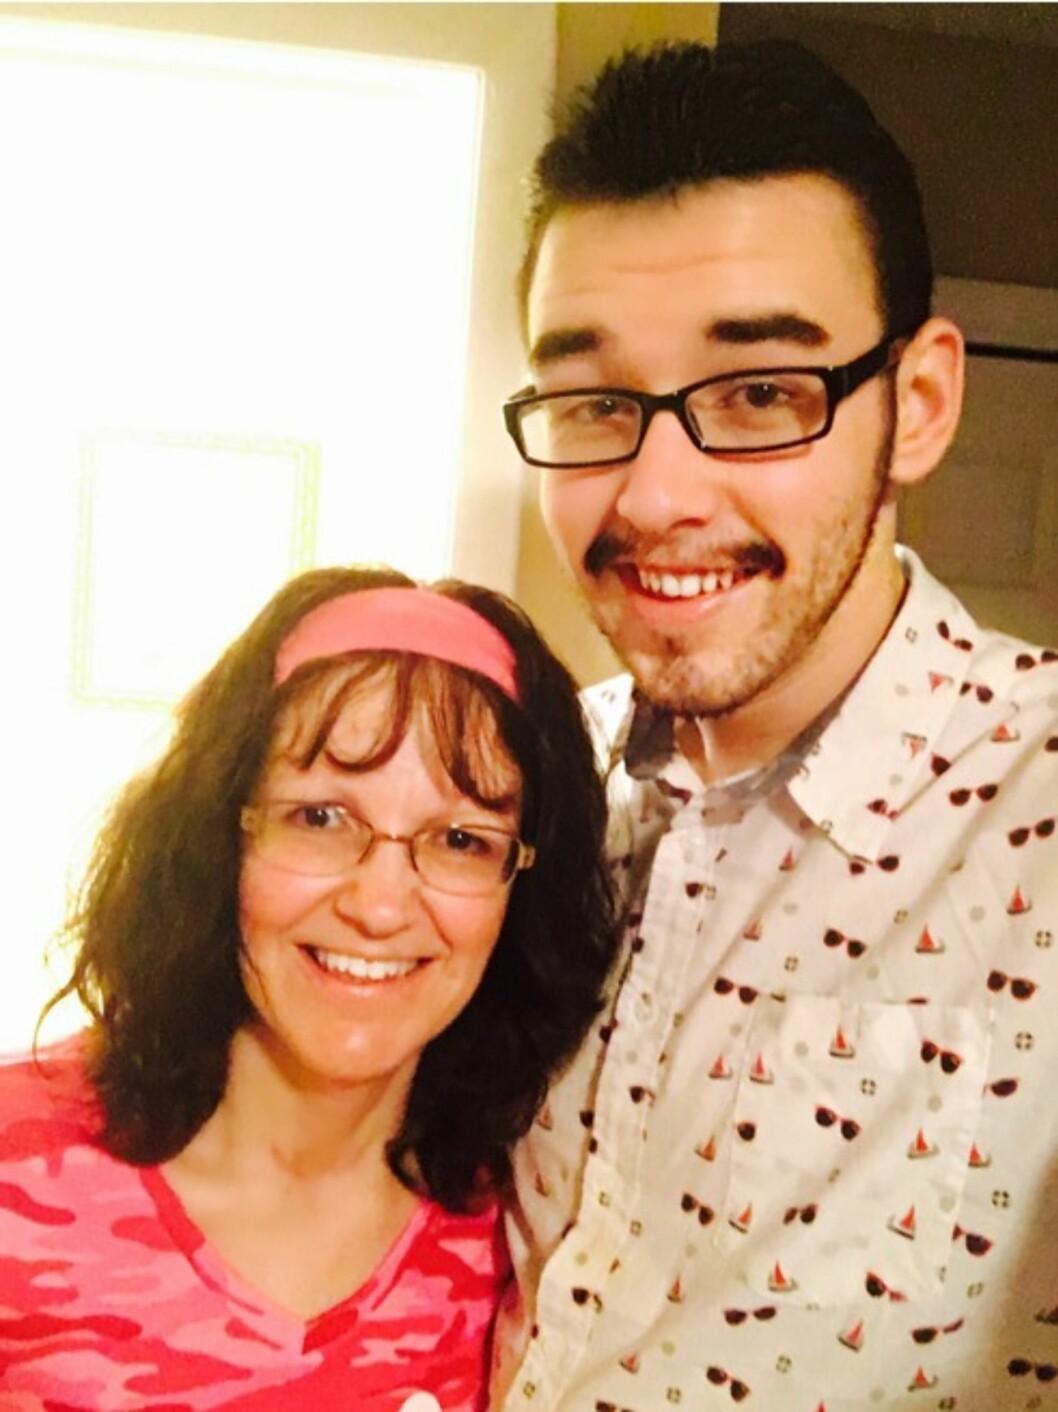 FÅR MAMMAS STØTTE: Garys mamma Tammy er mye yngre enn sønnens kone - men hun støtter sønnen fullt ut. I Tennesse kan man gifte seg når man har fylt 16 - dersom foreldrene godkjenner det.  Foto: Press Association